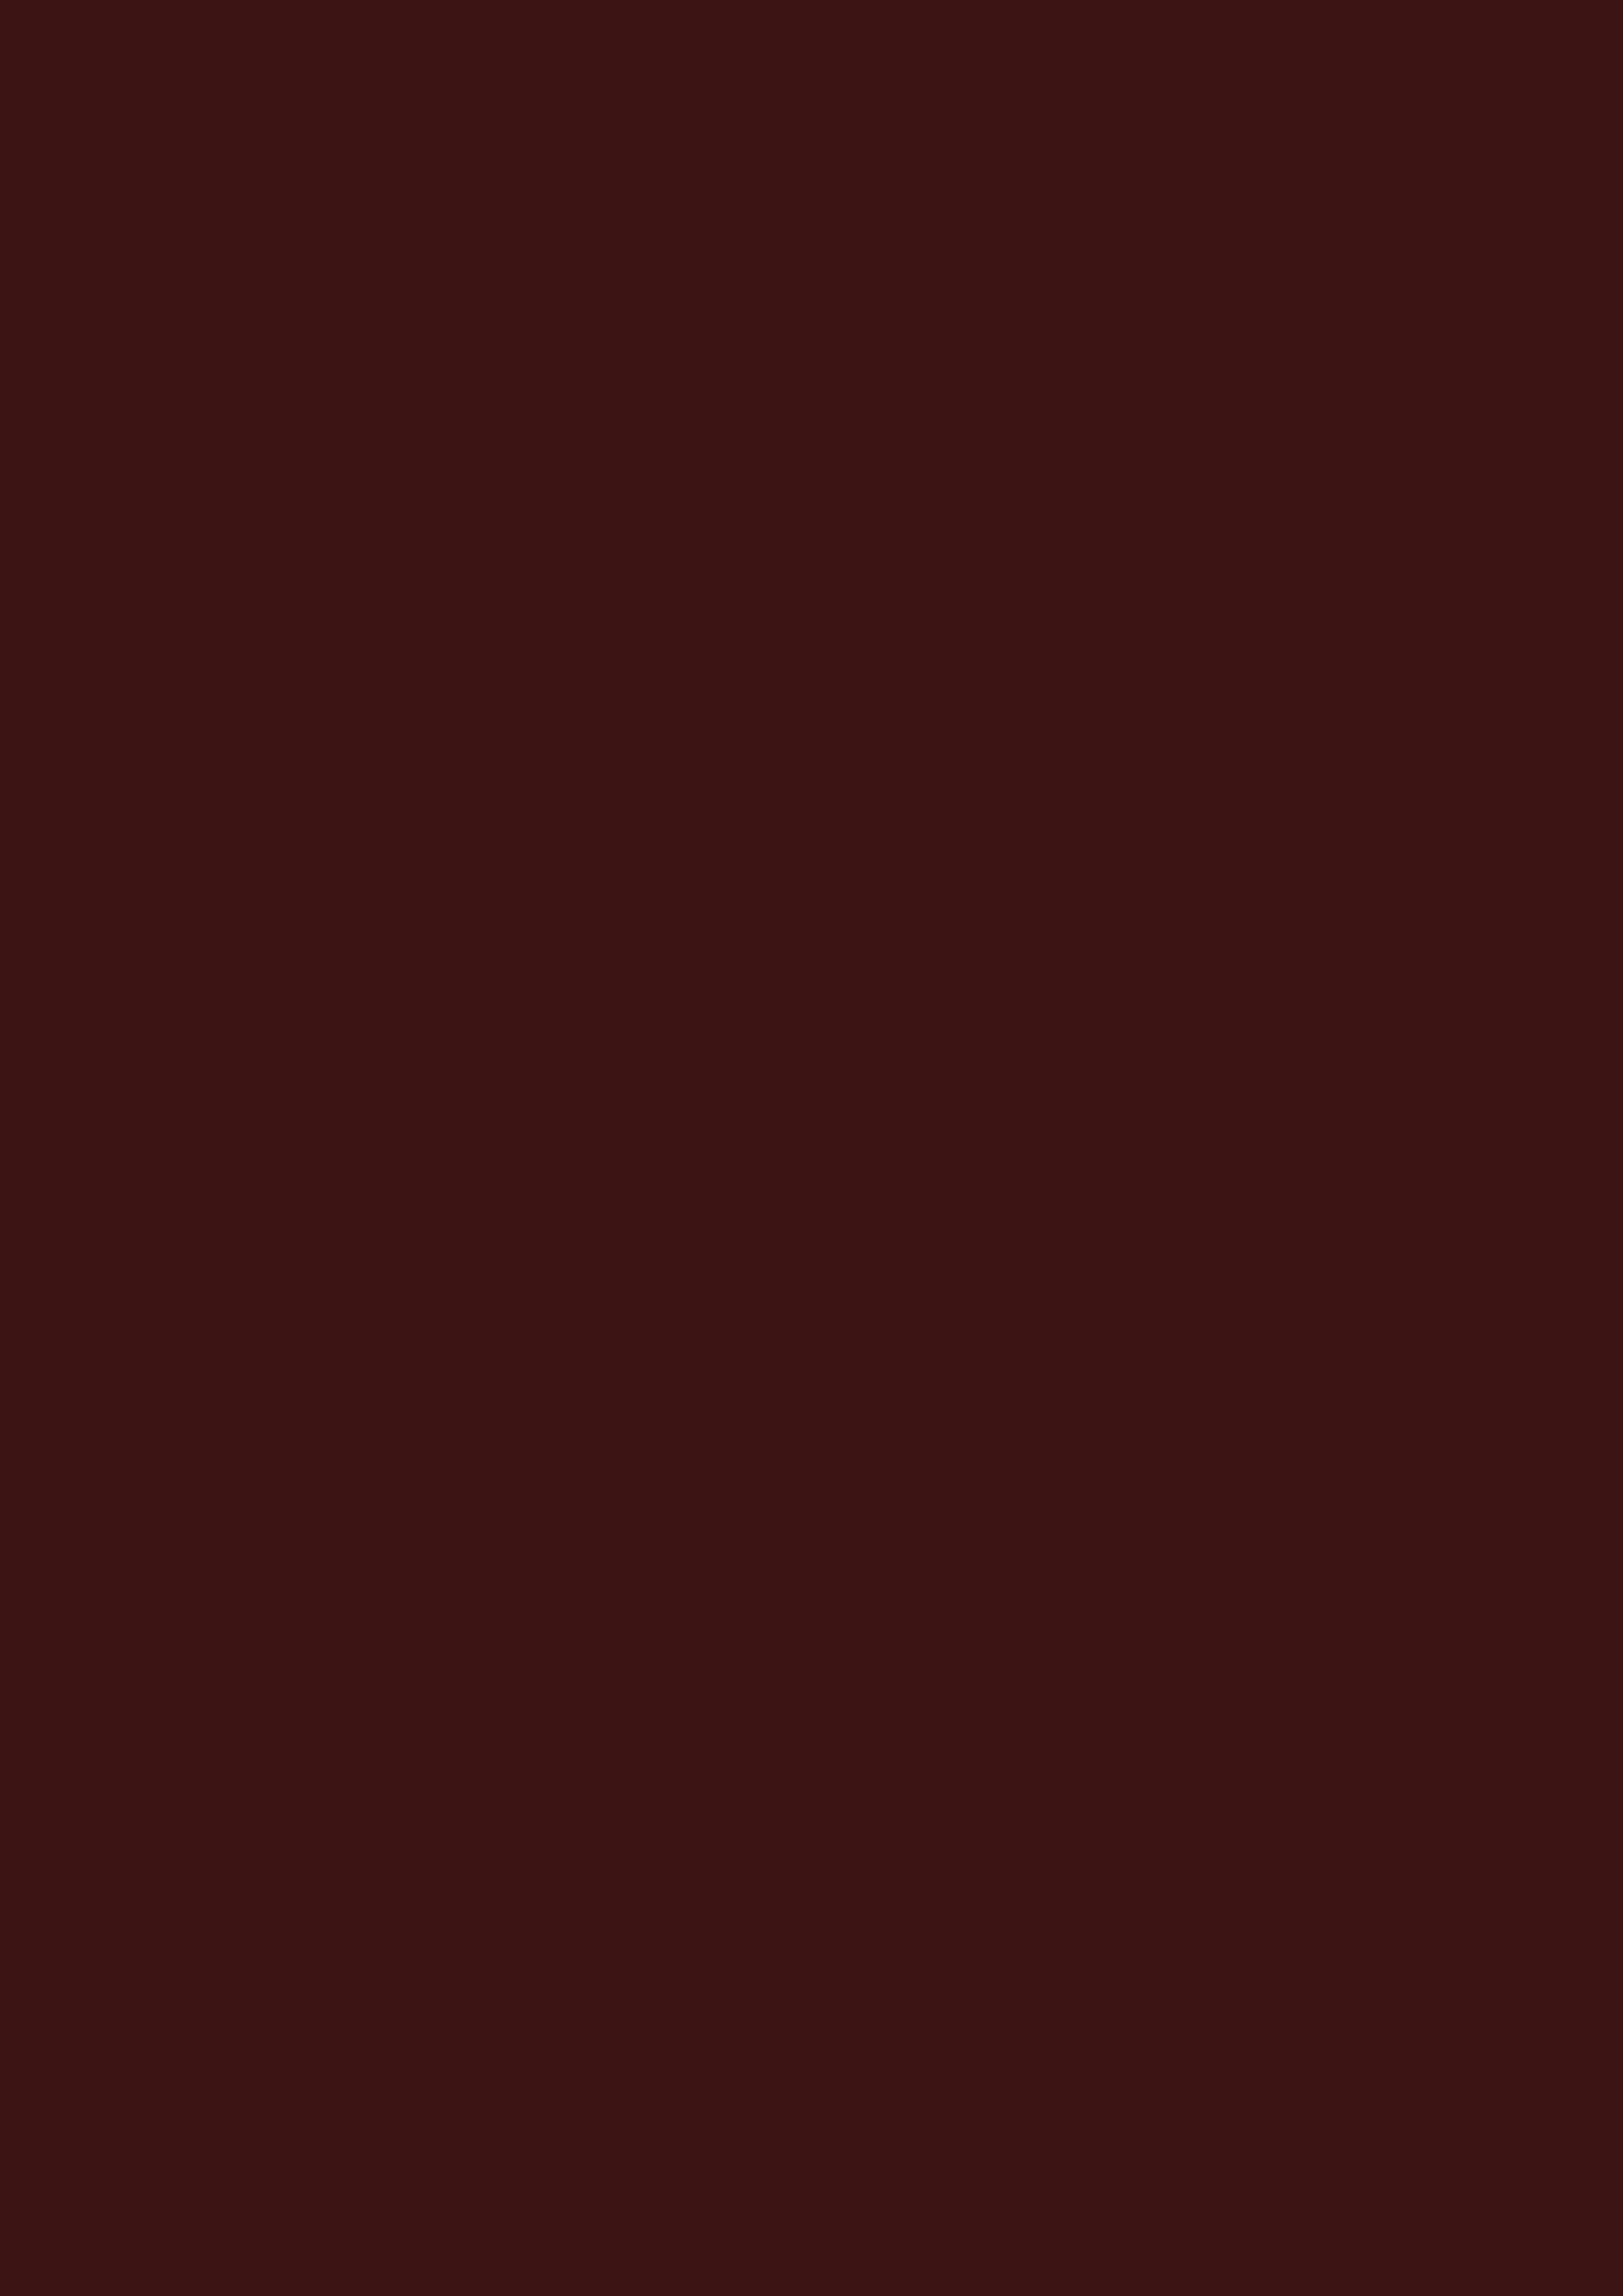 2480x3508 Dark Sienna Solid Color Background